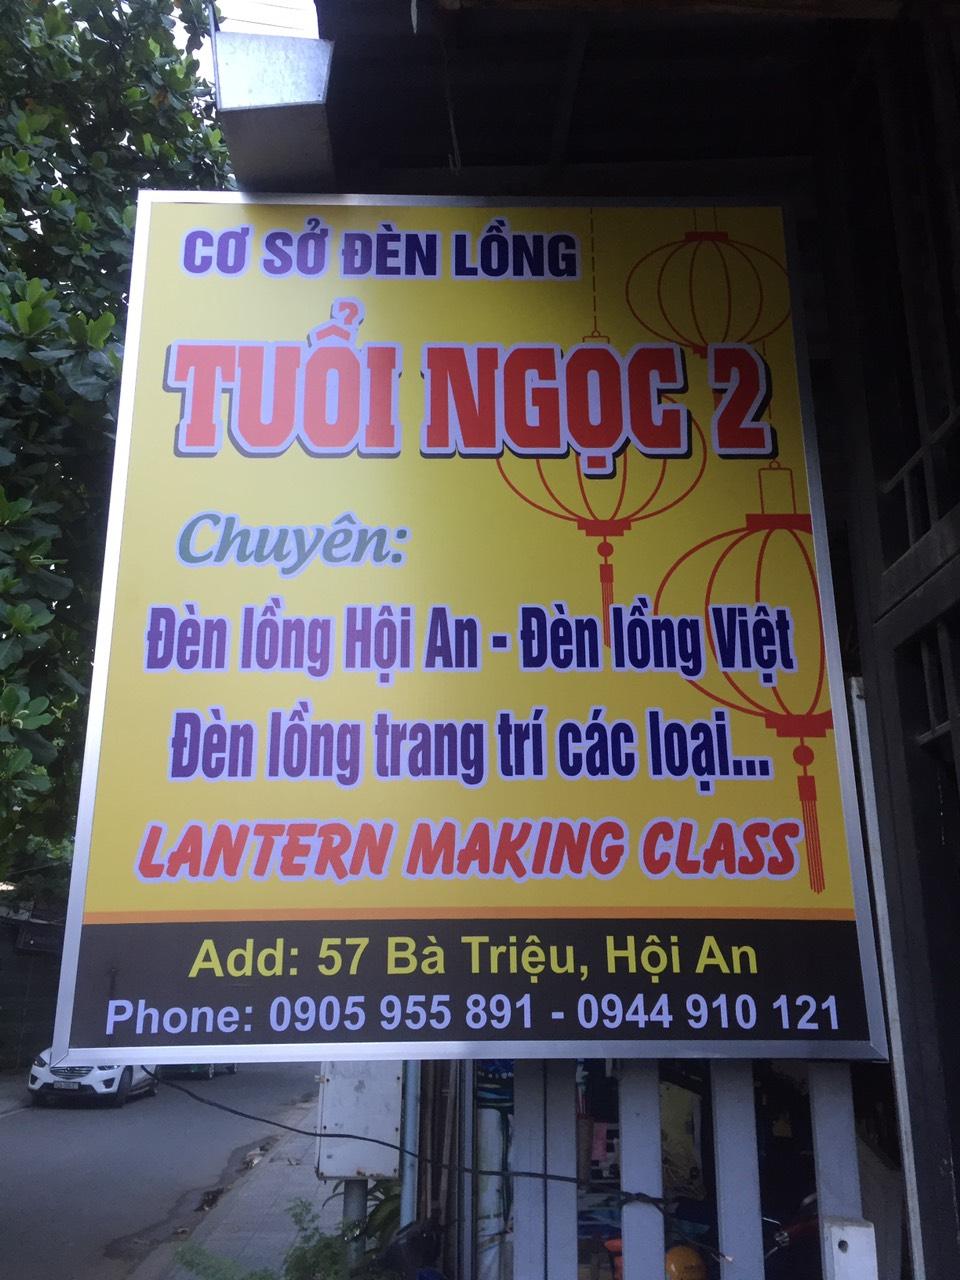 Cơ sở đèn lồng Tuổi Ngọc | Đèn lồng Việt